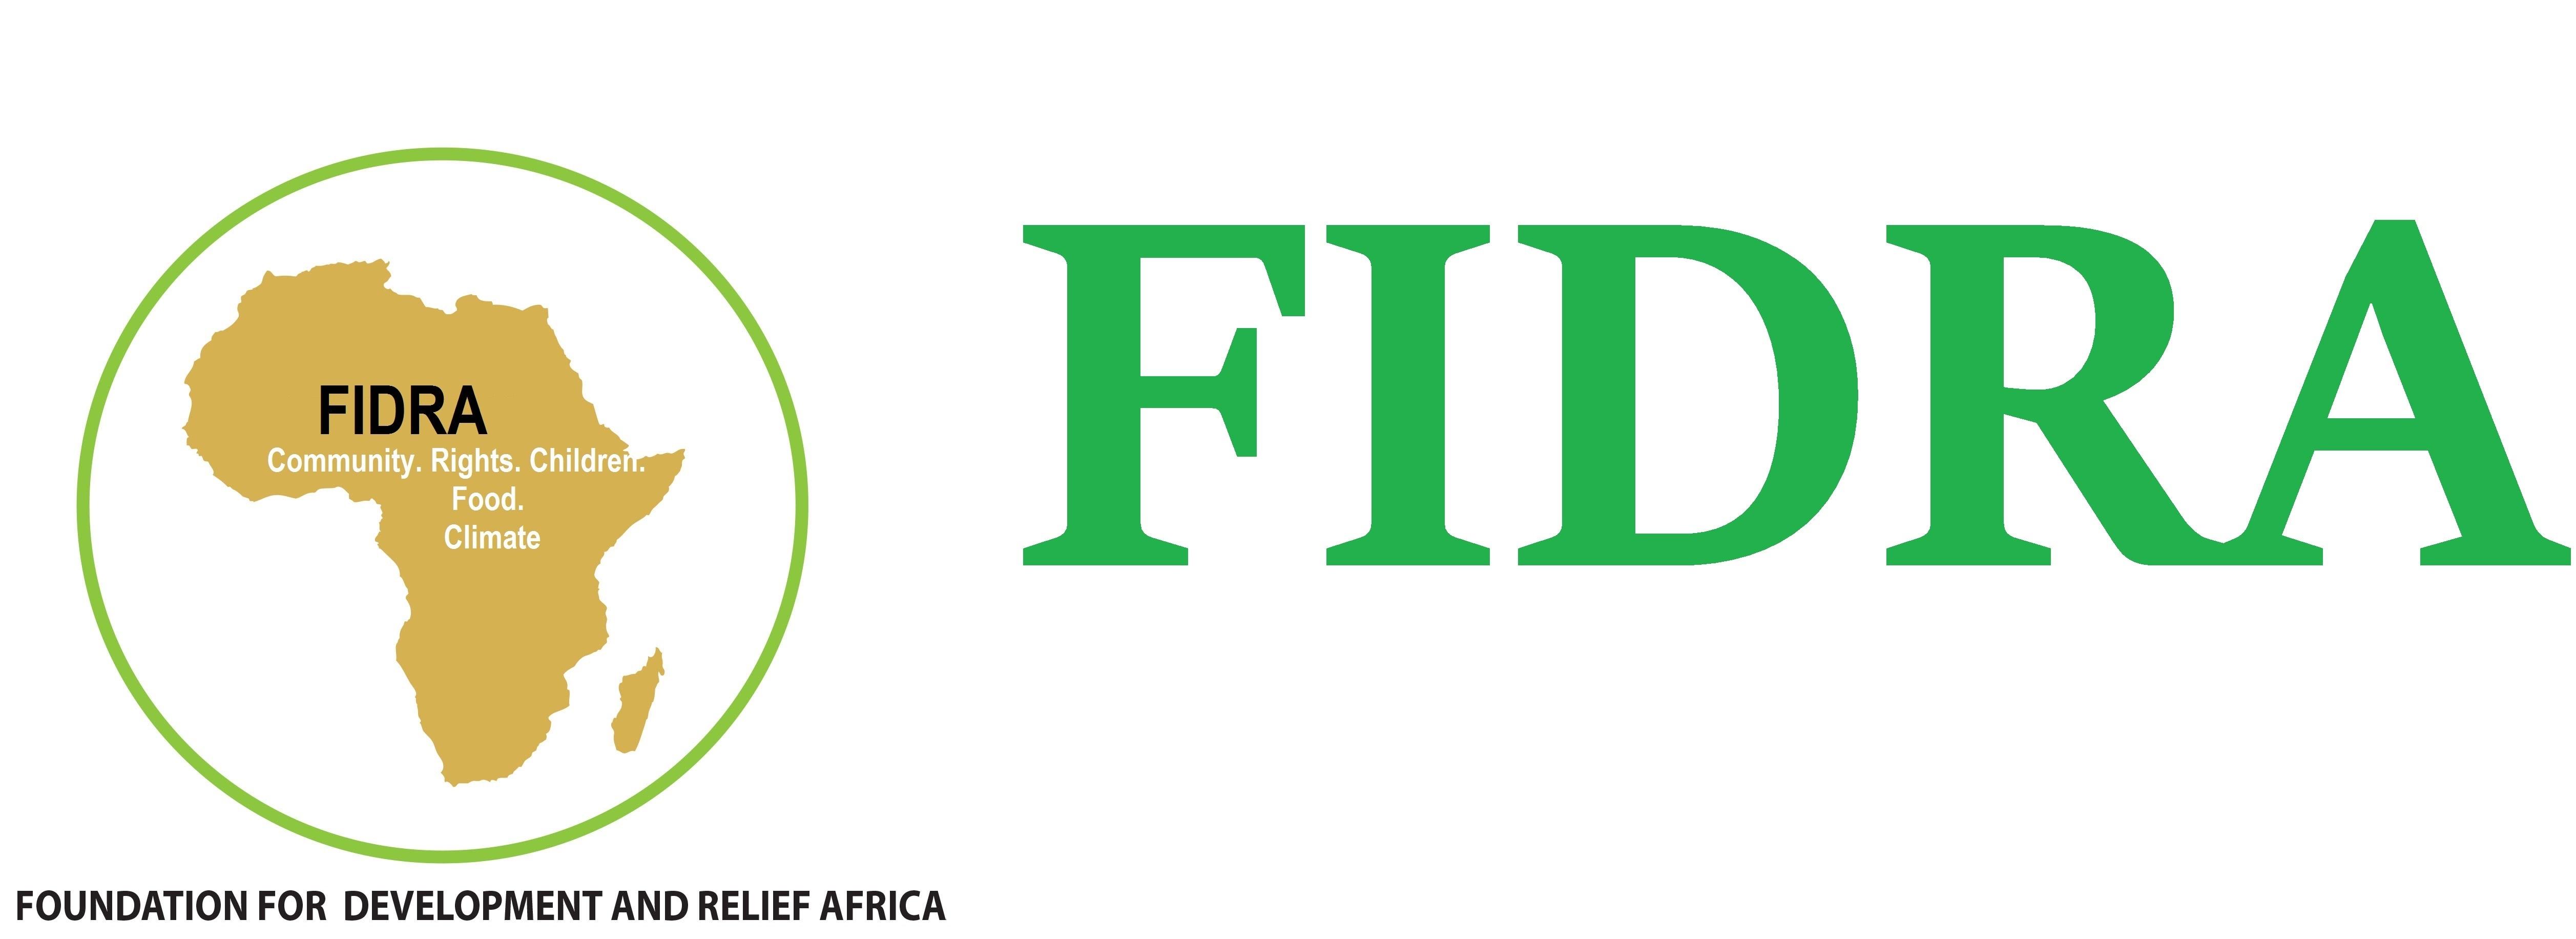 FIDRA -